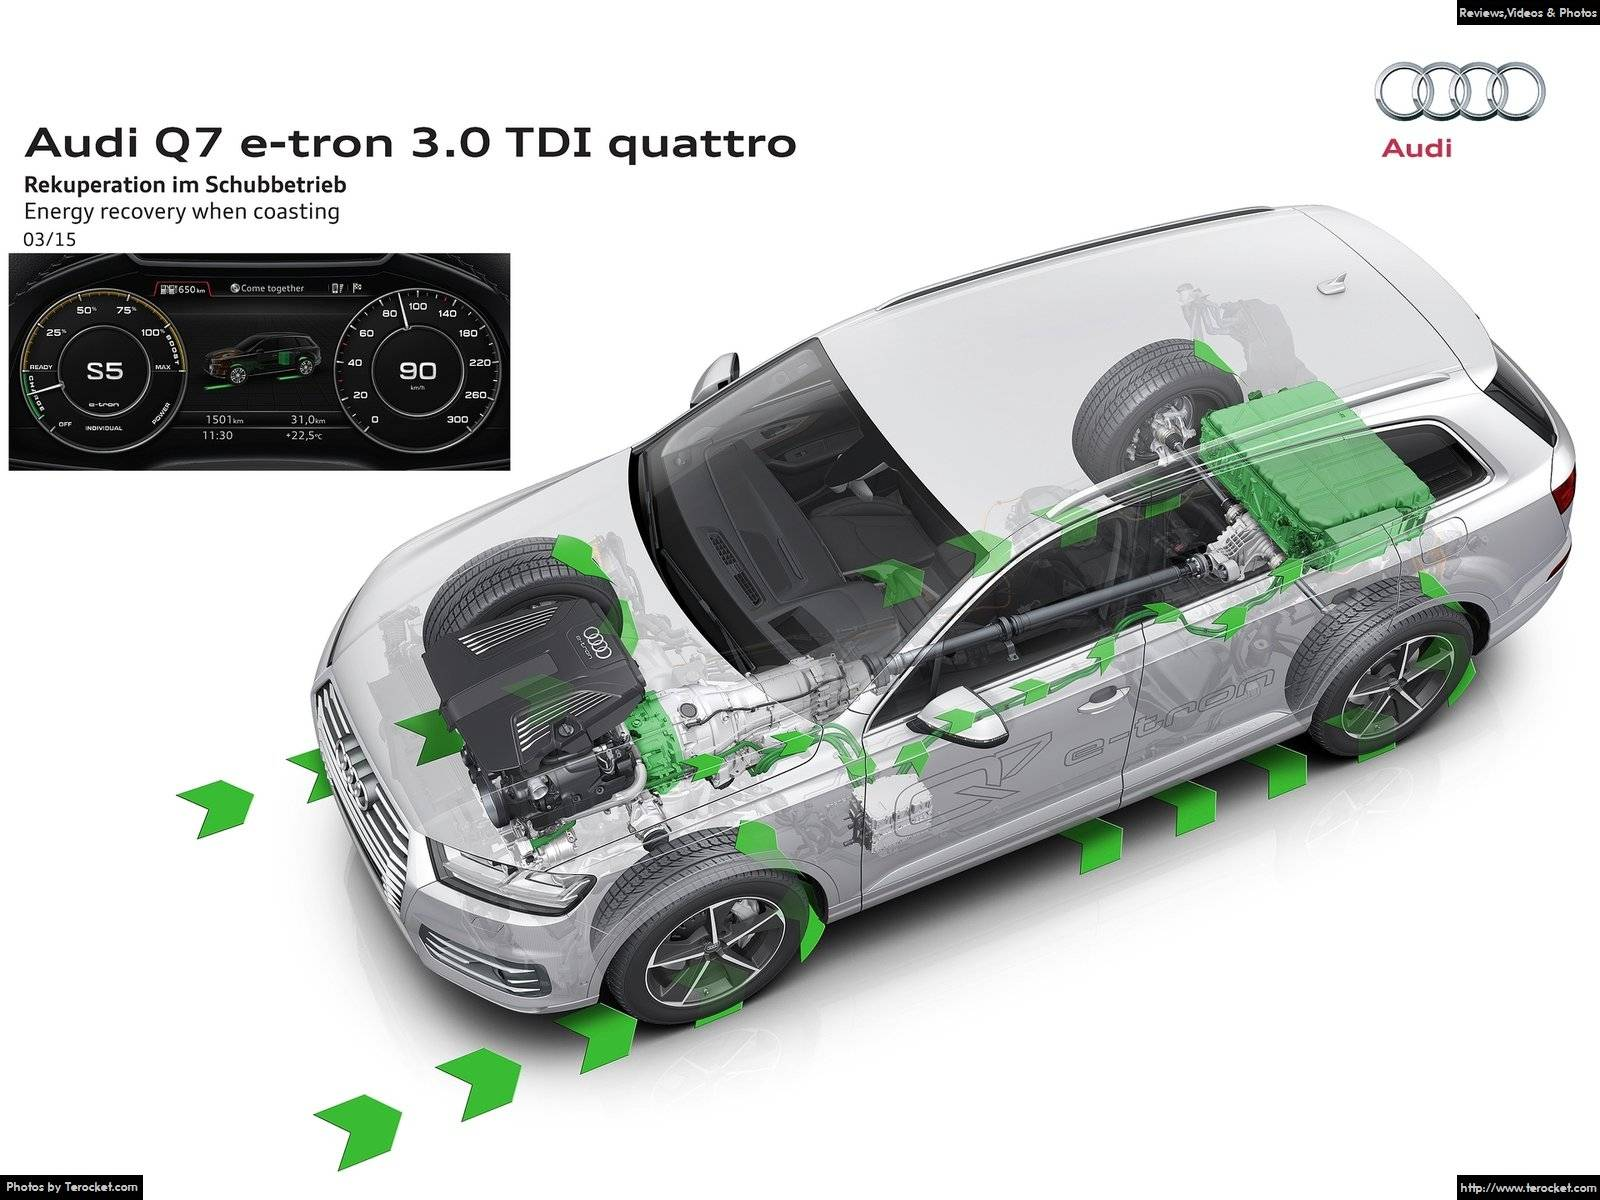 Hình ảnh xe ô tô Audi Q7 e-tron 3.0 TDI quattro 2017 & nội ngoại thất